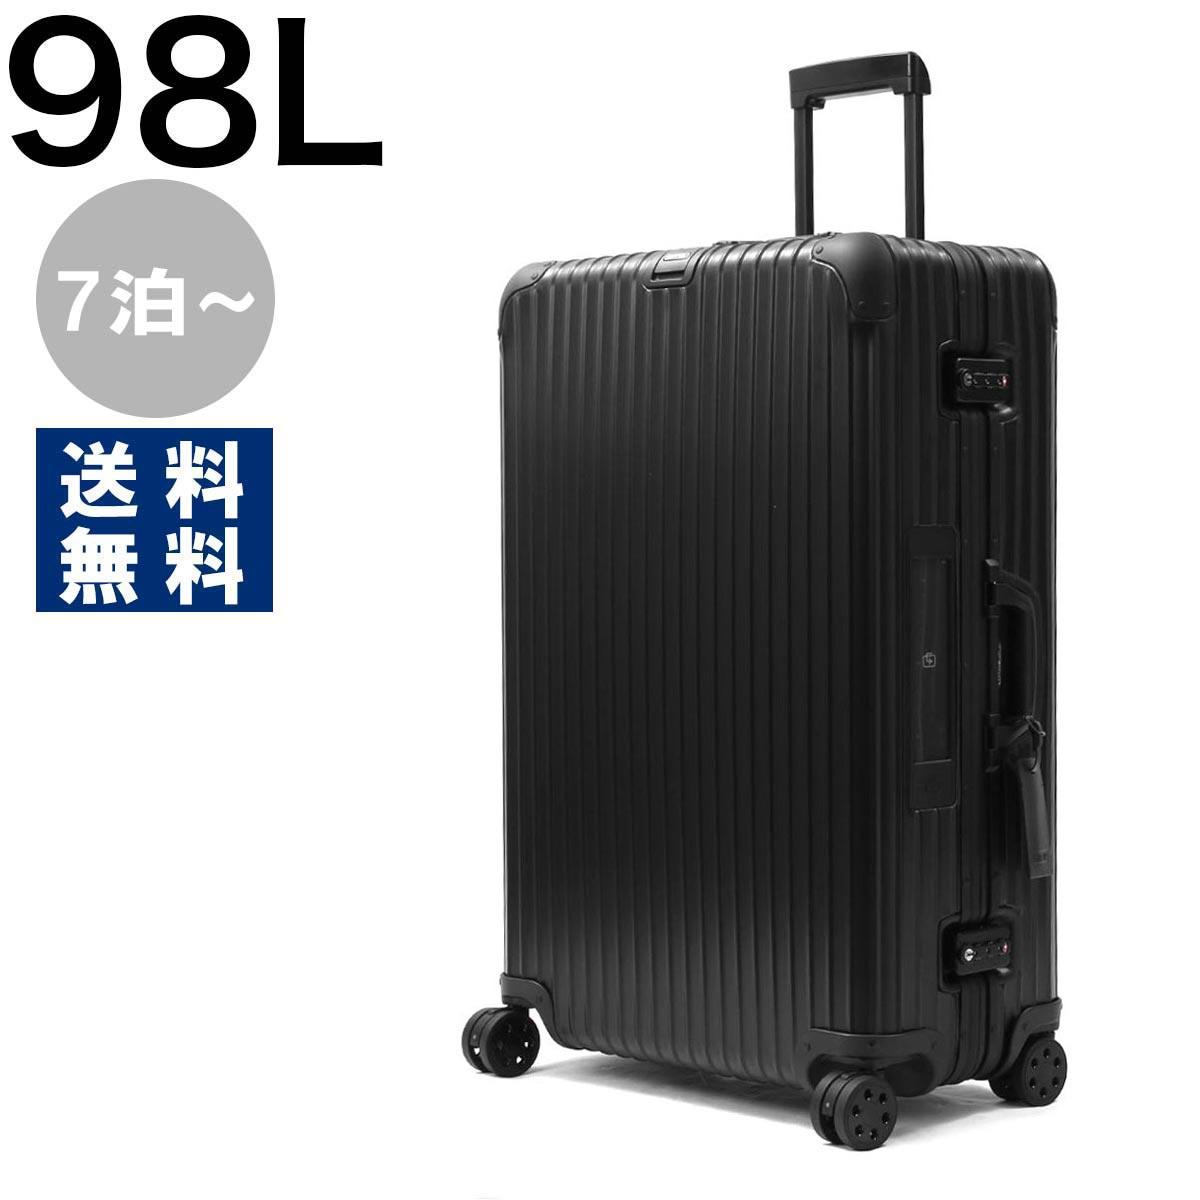 リモワ スーツケース/旅行用バッグ バッグ メンズ レディース トパーズ ステルス 98L 7泊~ ELECTRONIC TAG ブラック 923.77.01.5 RIMOWA